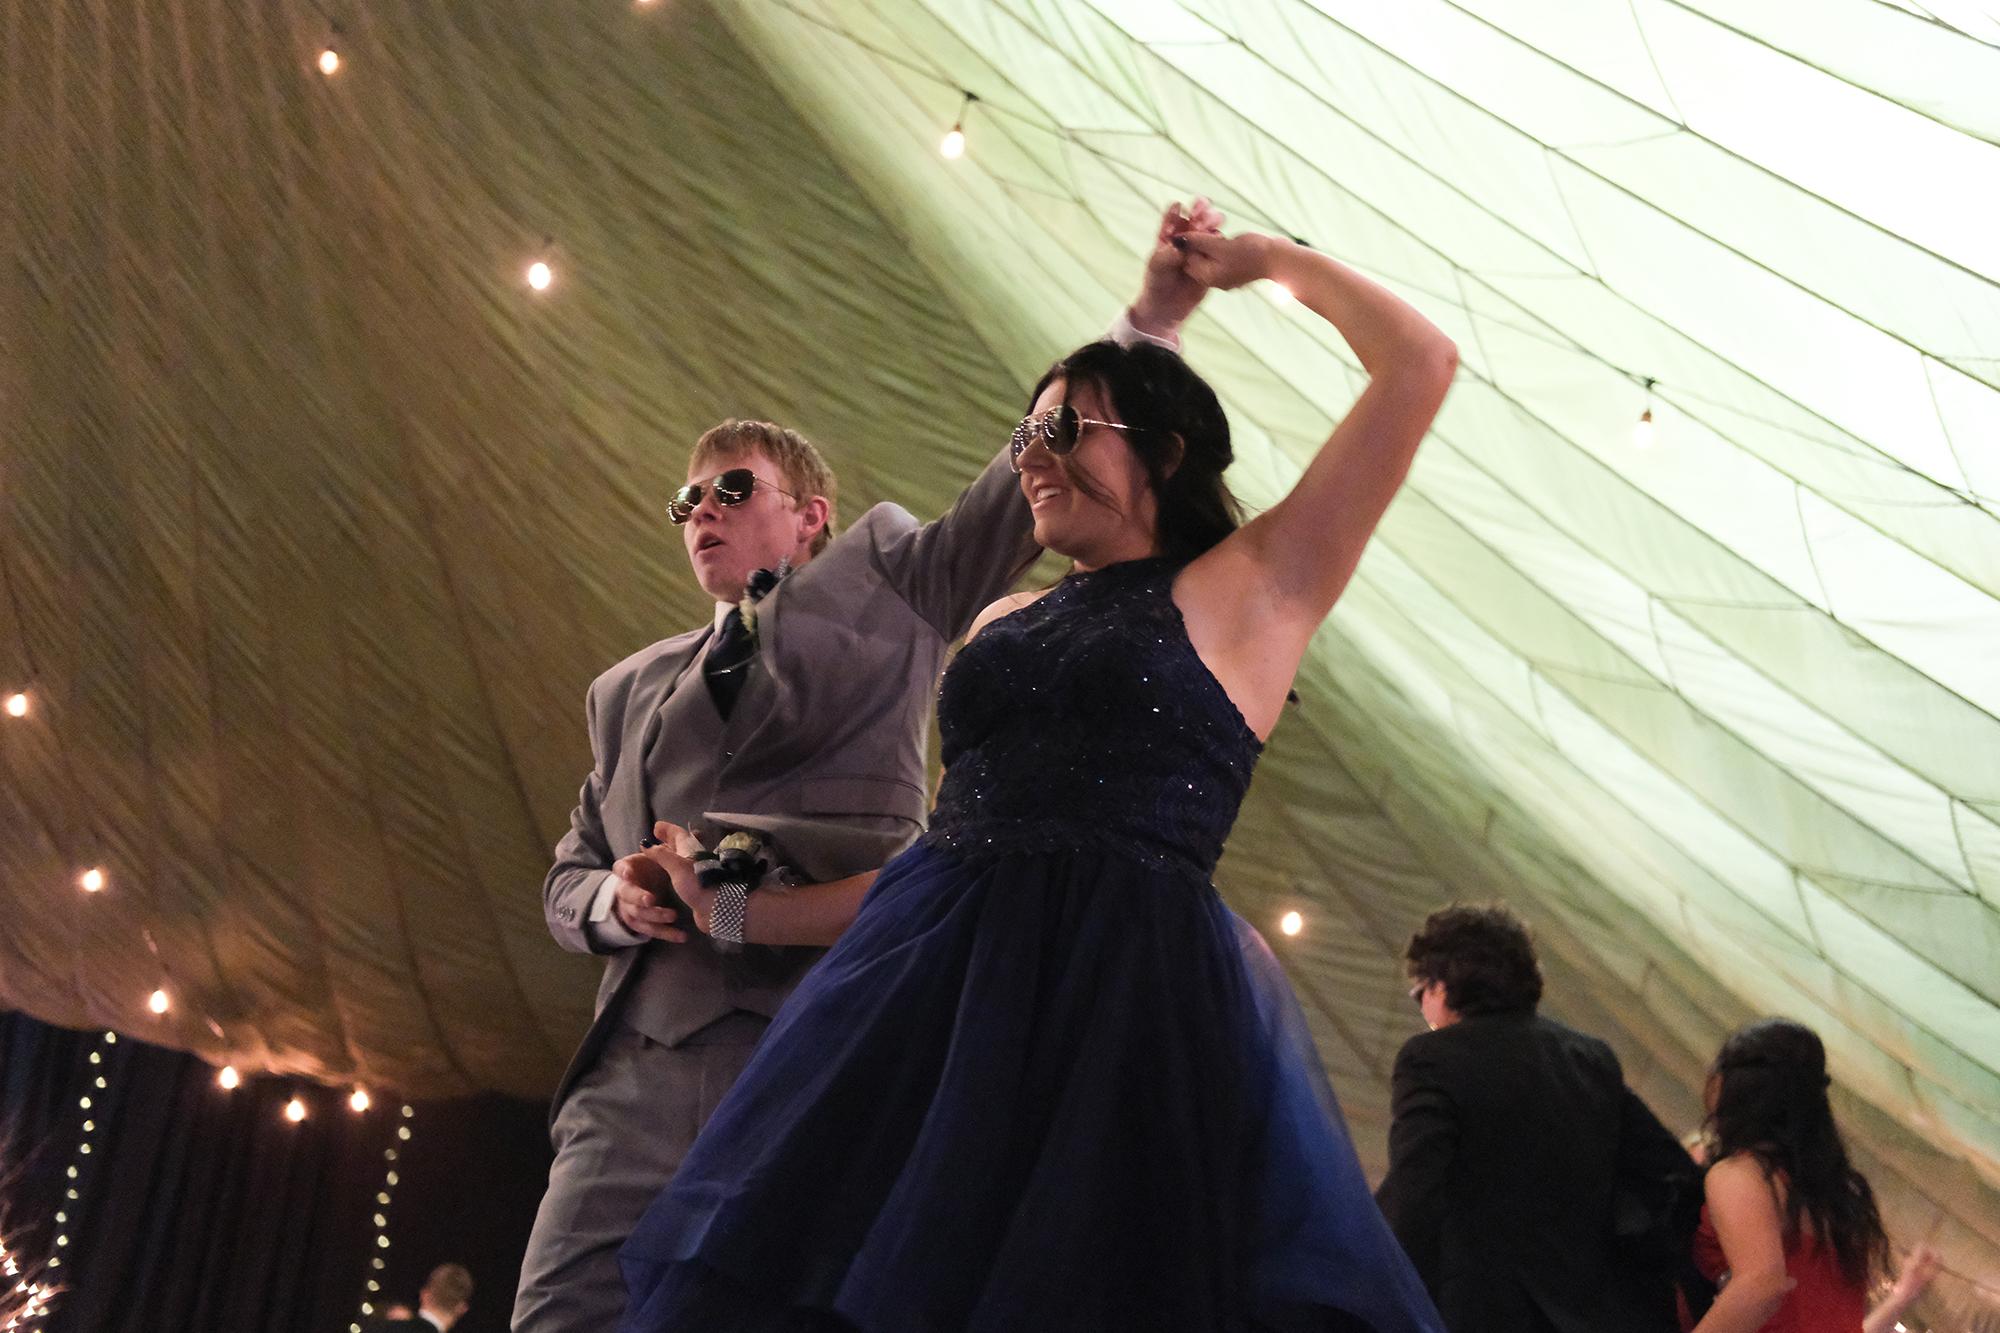 dancing at prom